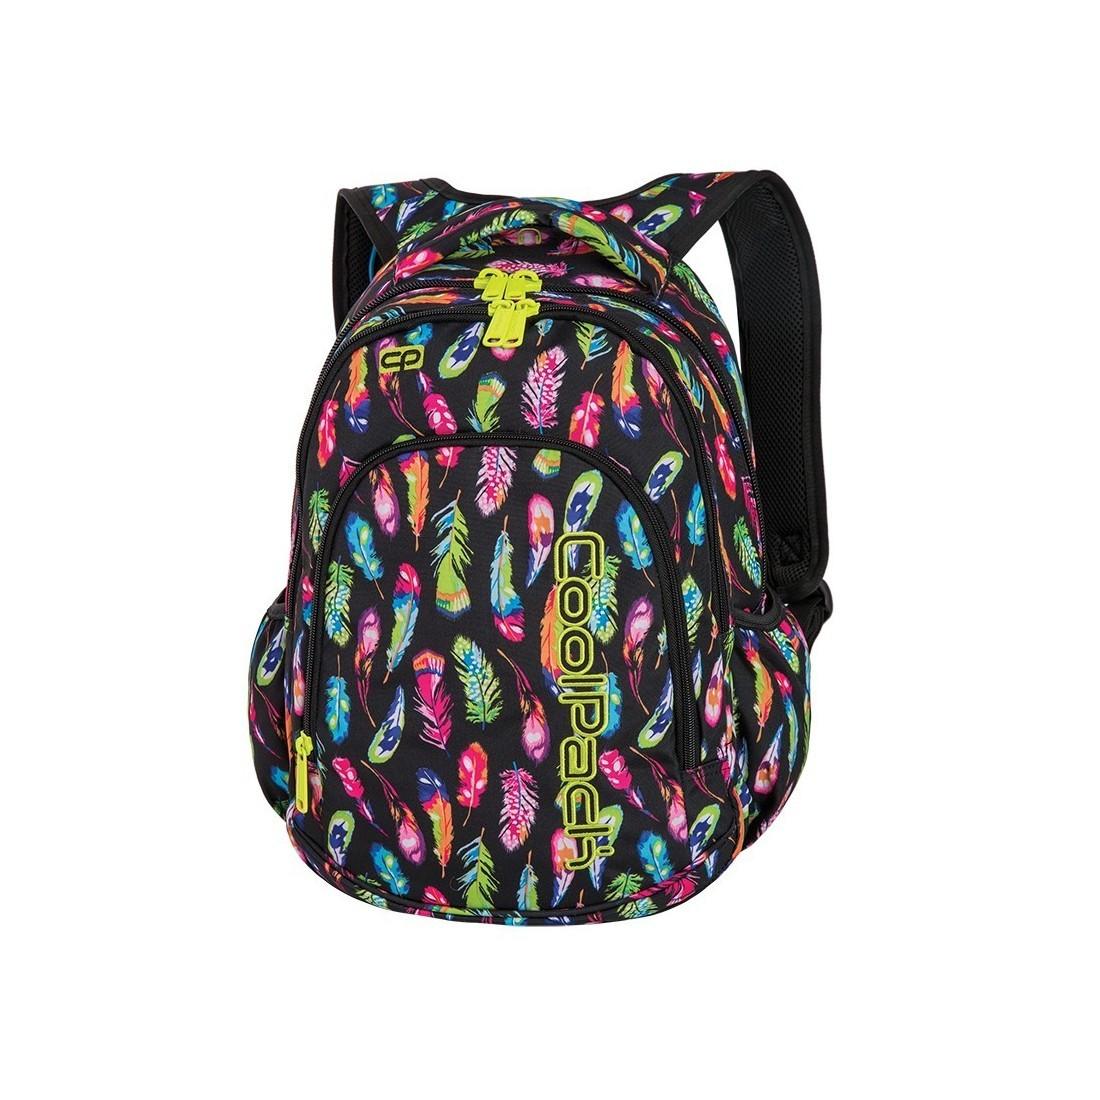 d3b3652b30175 ... Plecak do klas 1-3 CoolPack CP PRIME FEATHERS w kolorowe piórka dla  dziewczynki ...